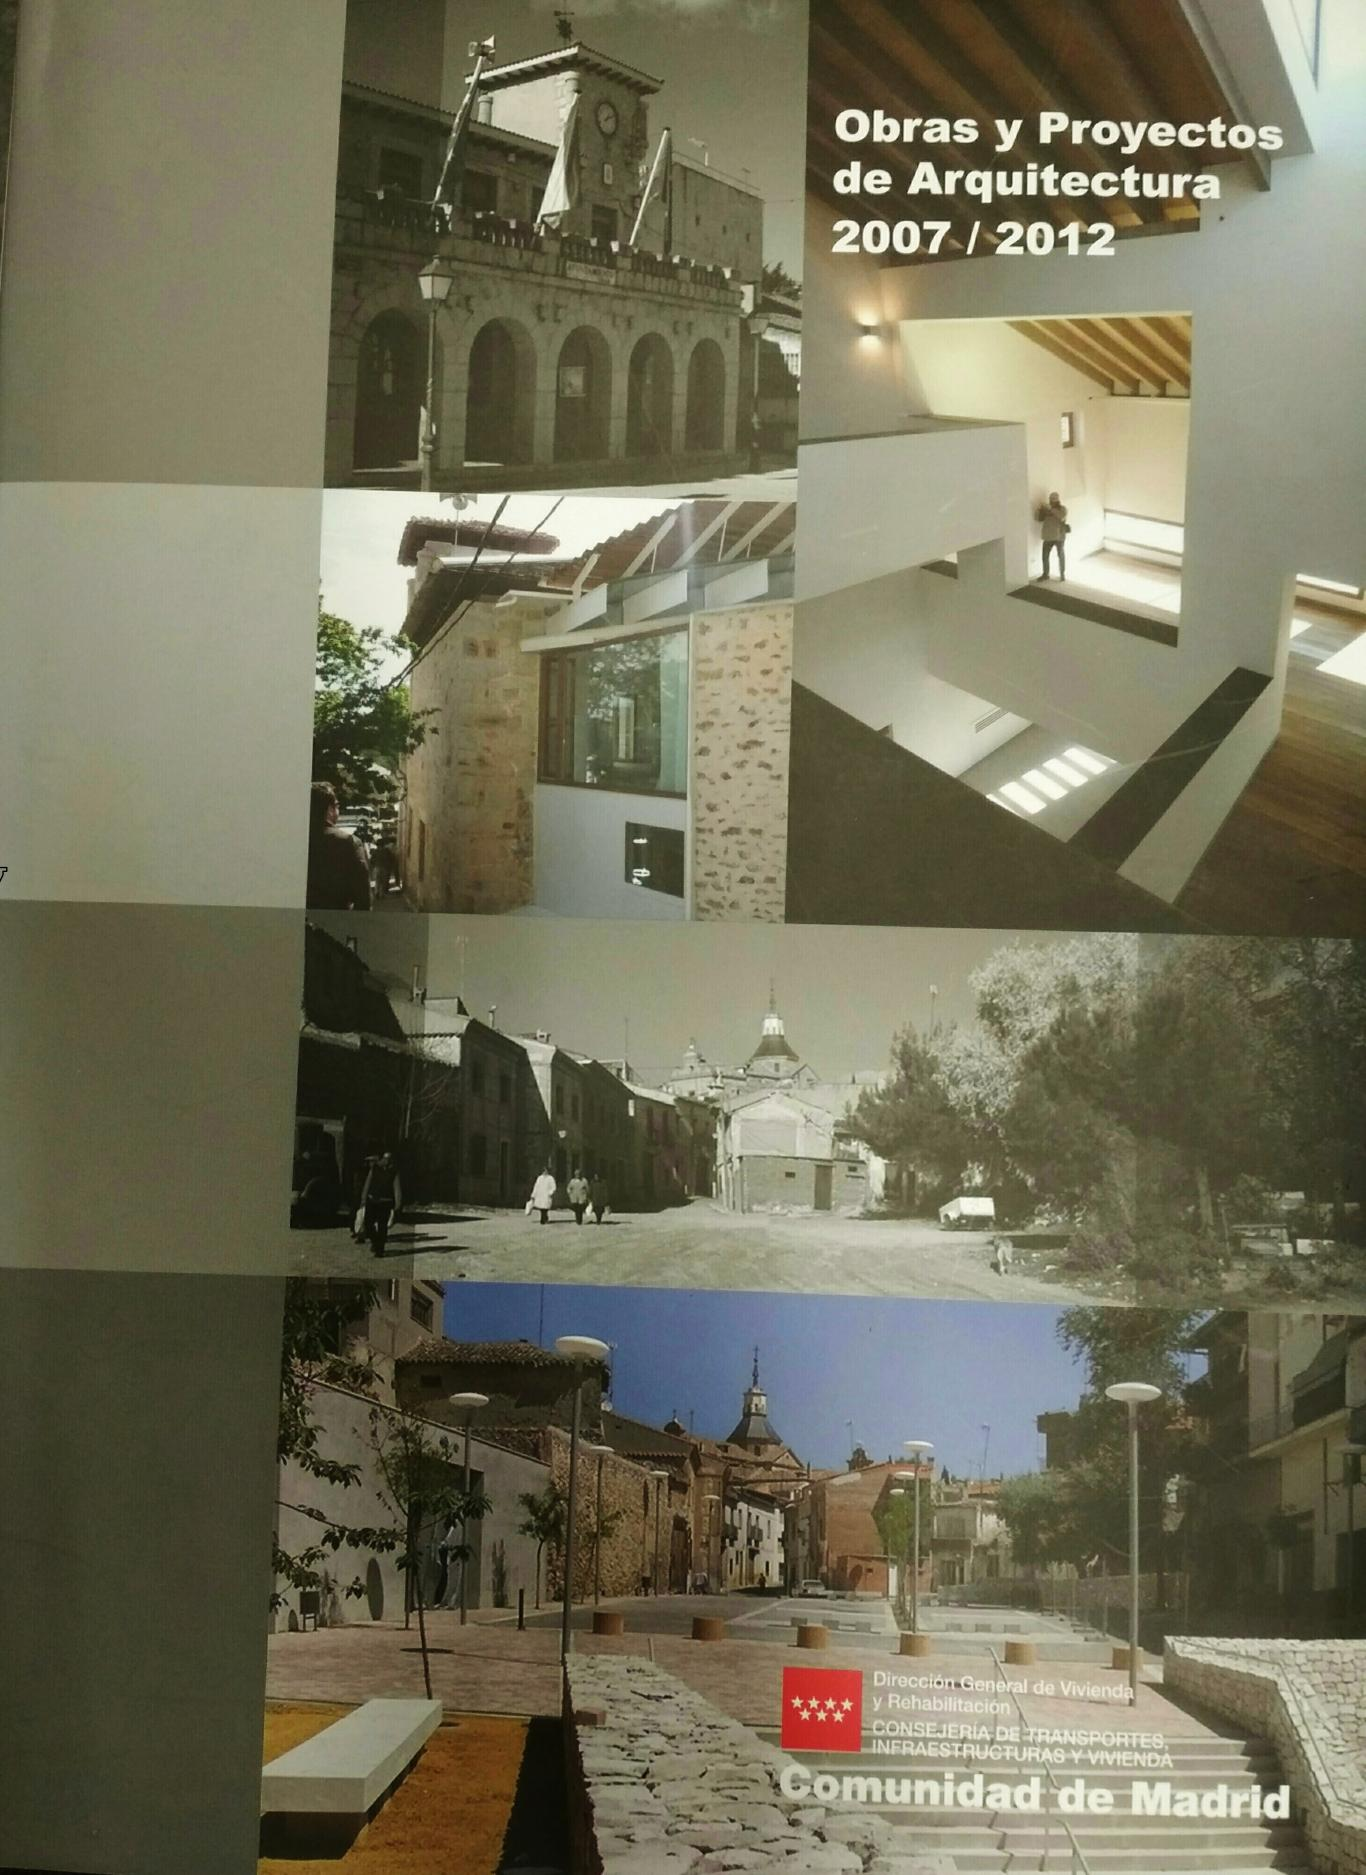 Imagen del libro de Obras y Proyectos de Arquitectura 2007-2012